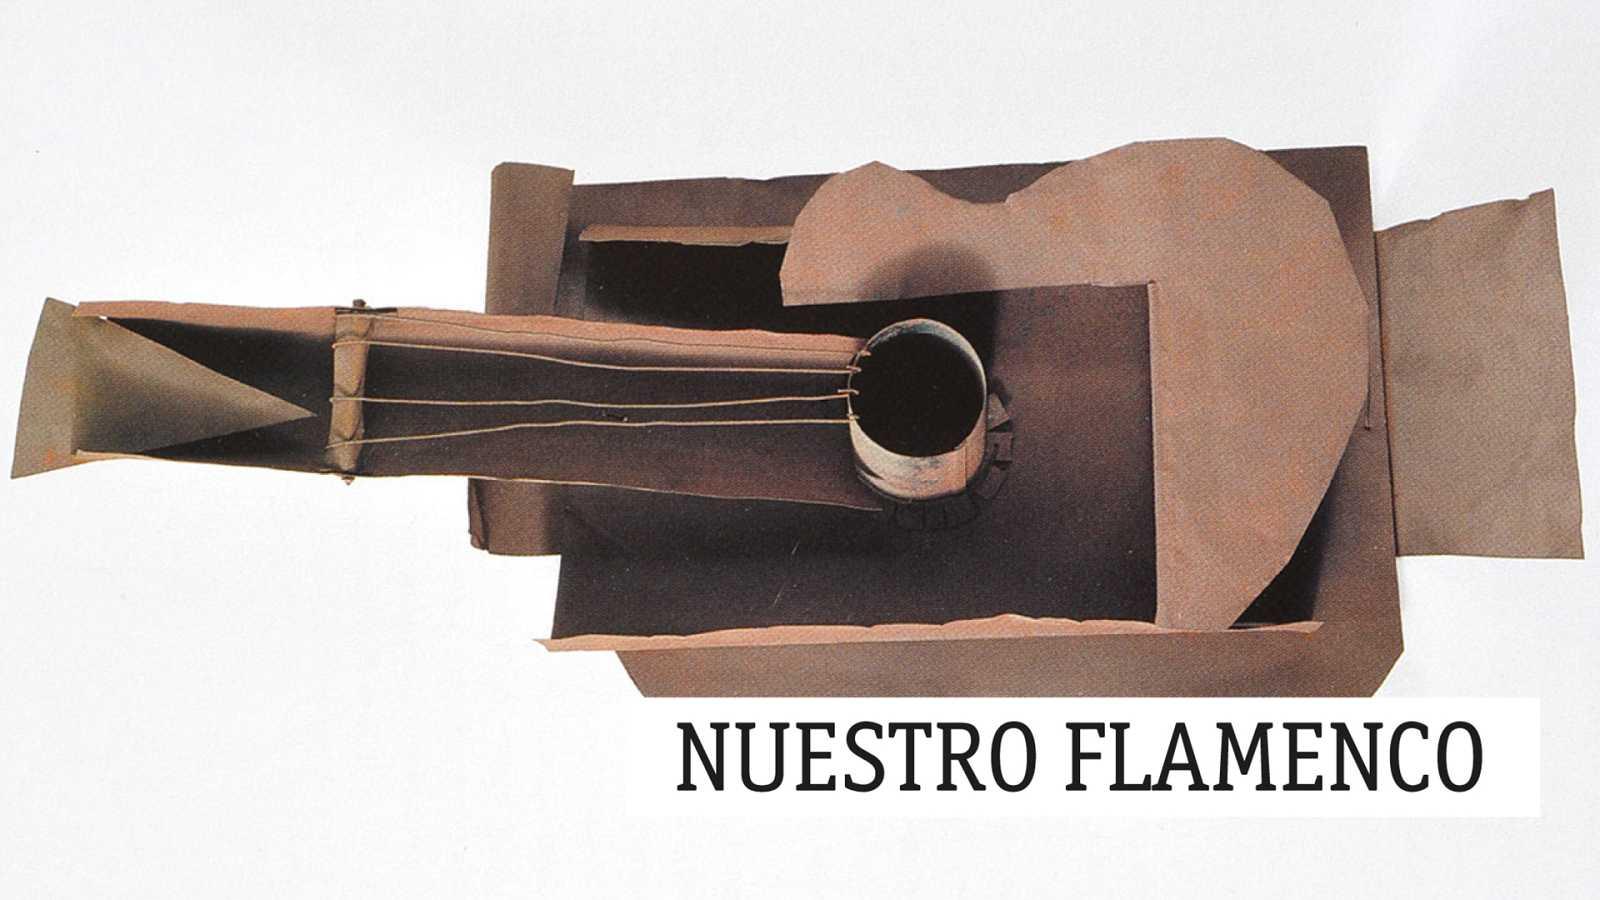 Nuestro Flamenco - José Moreno el Cano - 07/01/21 - escuchar ahora